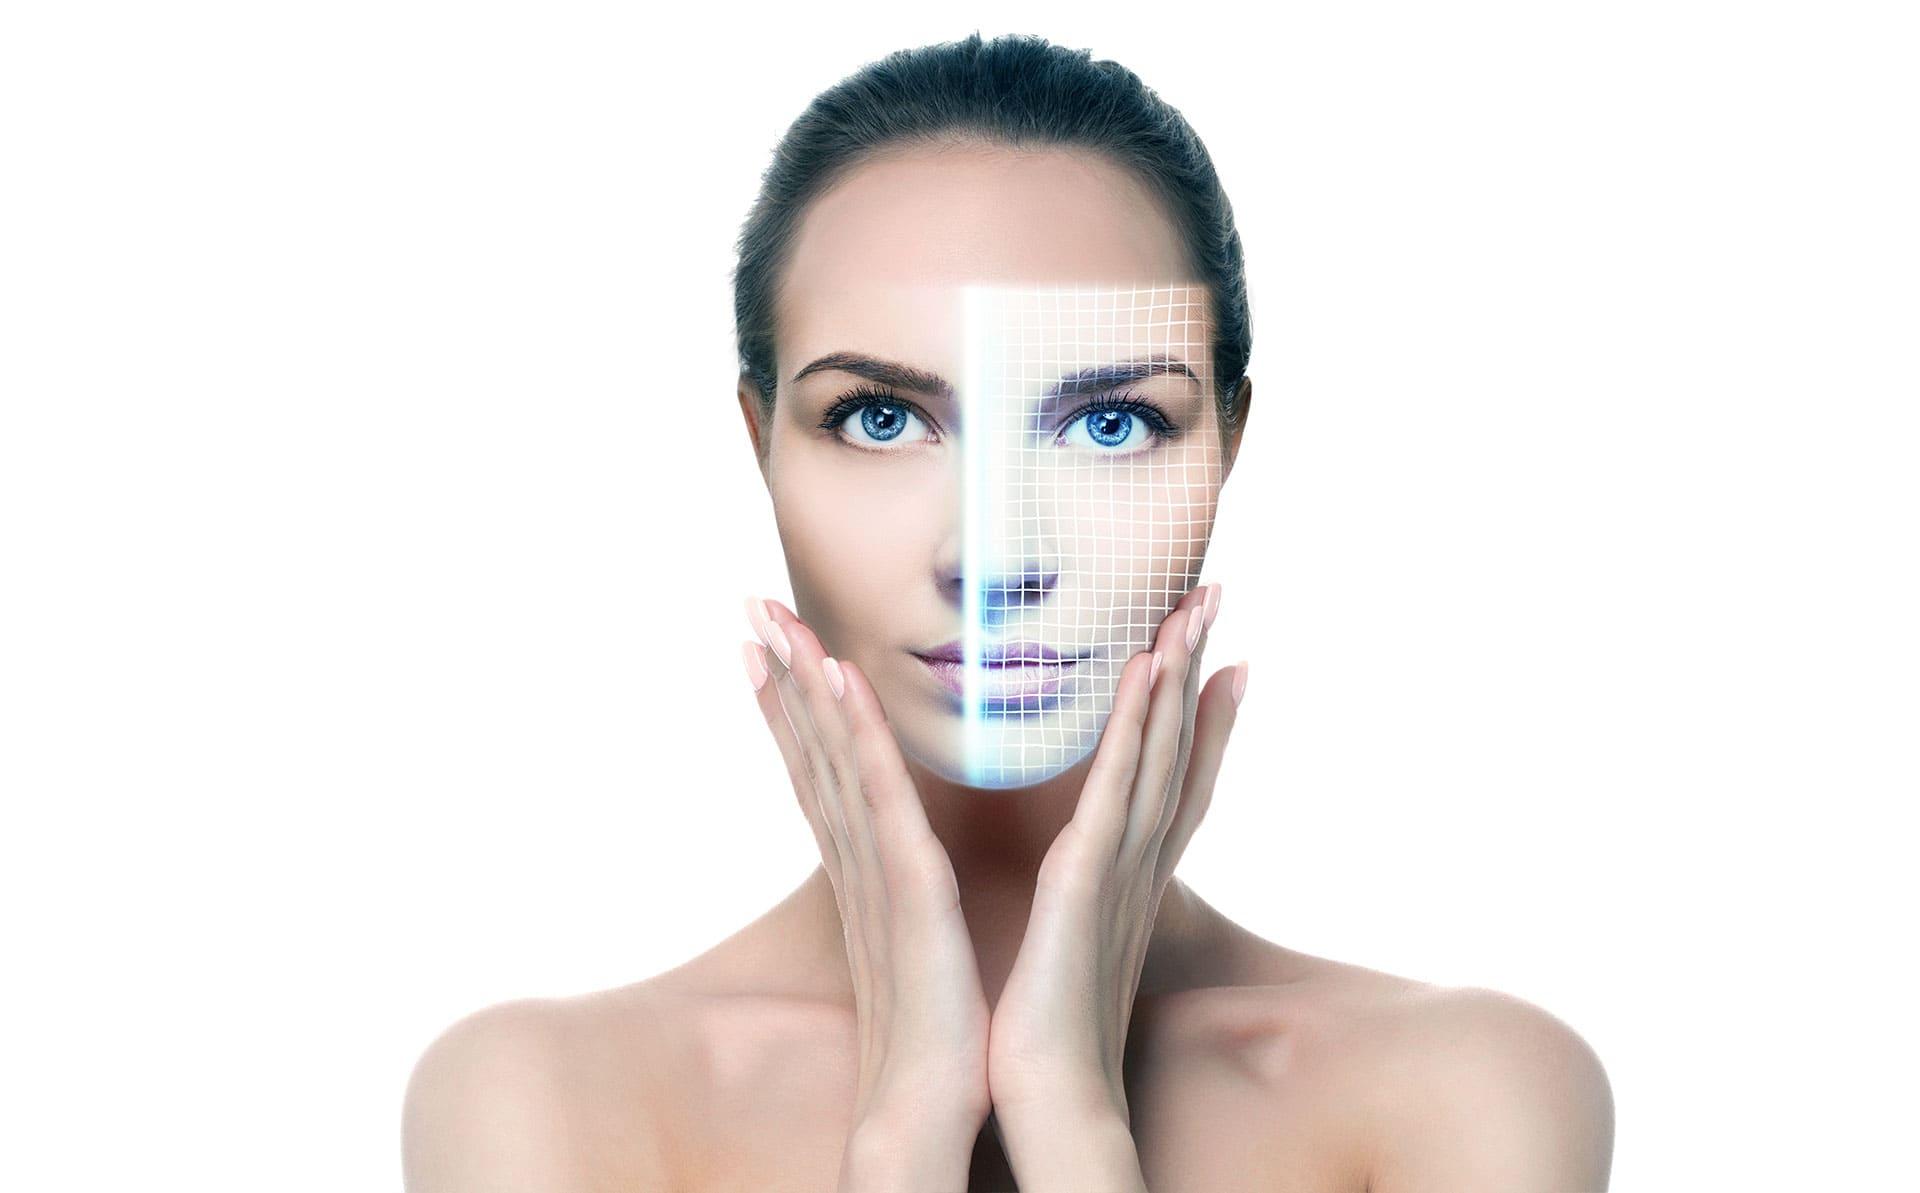 Cirugia Estetica Facial, Operaciones Faciales, Cirugias Faciales, Cirugias Esteticas Facial